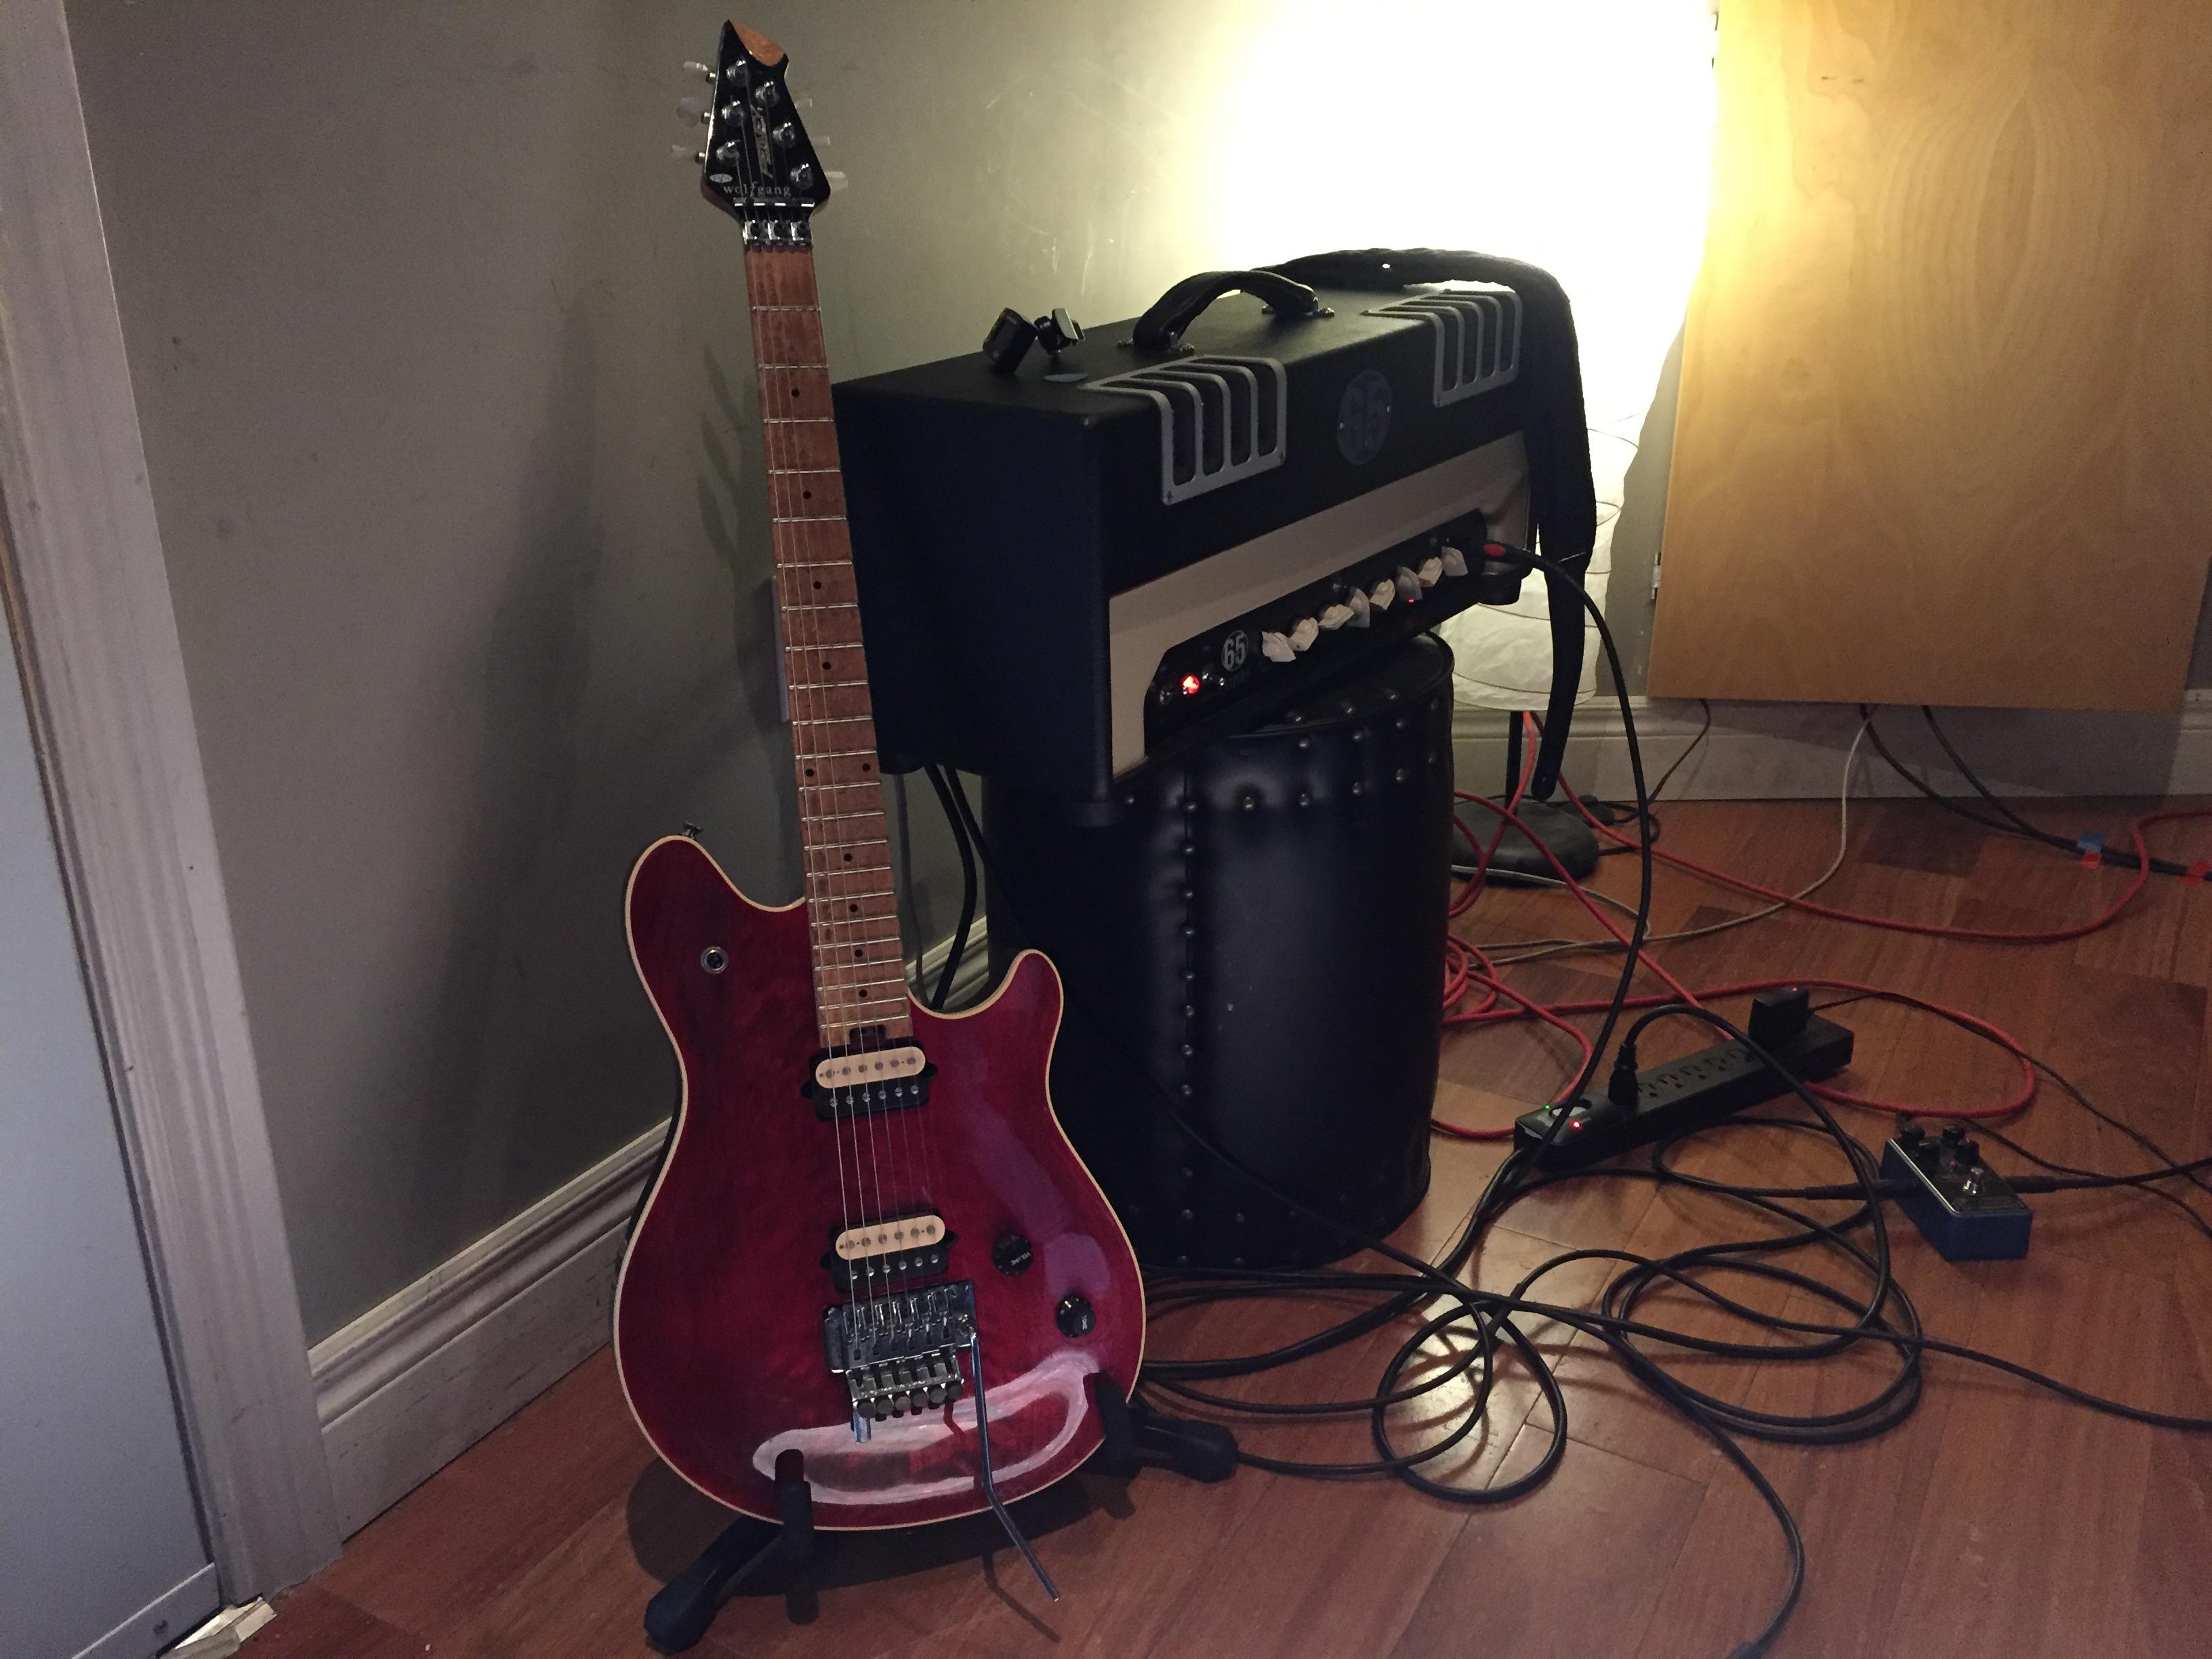 Paul's gear